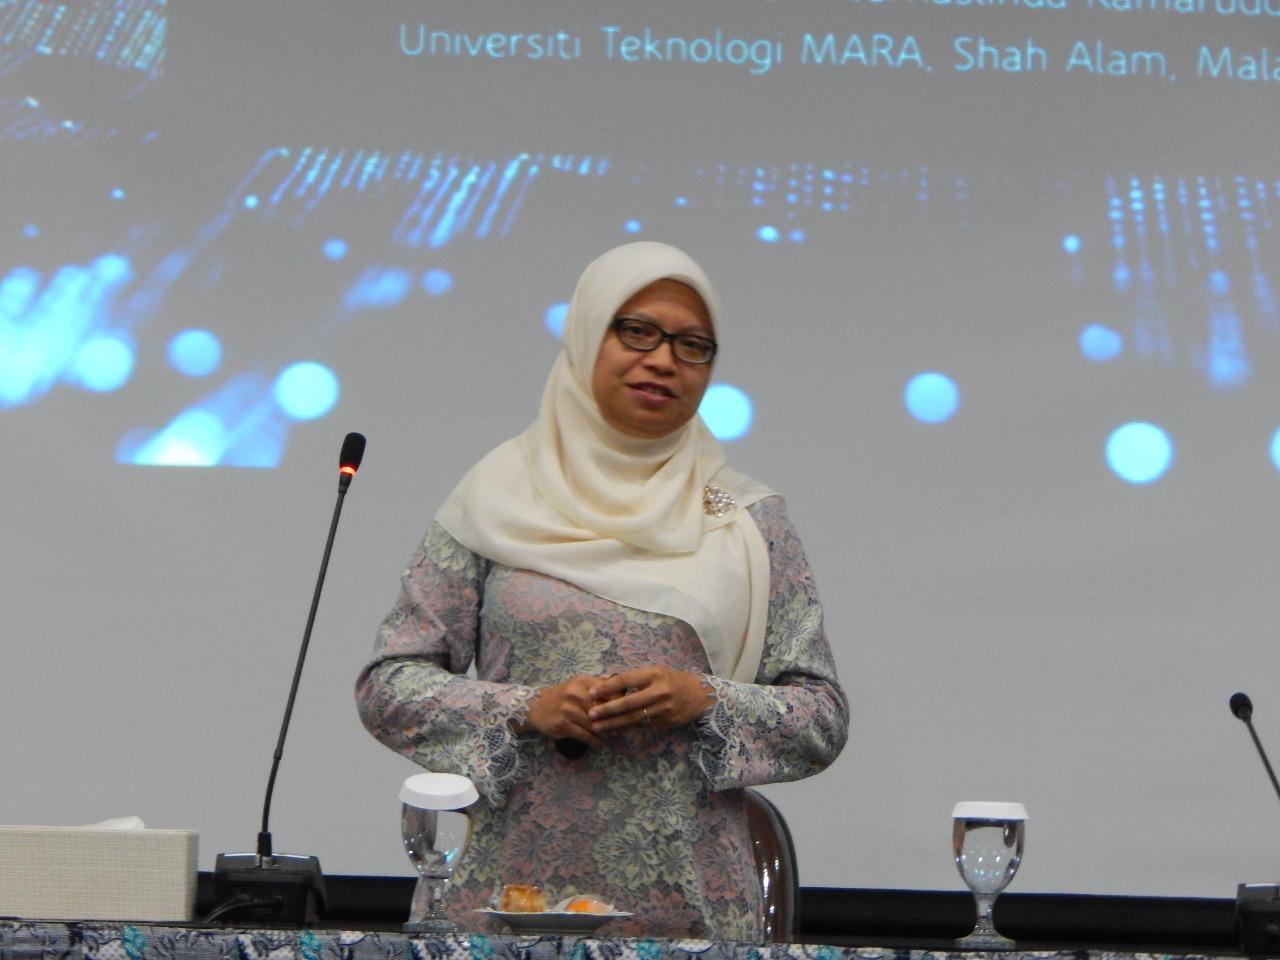 Dr. Norhaslinda Kamaruddin Ungkap Prodi Sains Data Ilmu Baru dan Terbilang Jarang